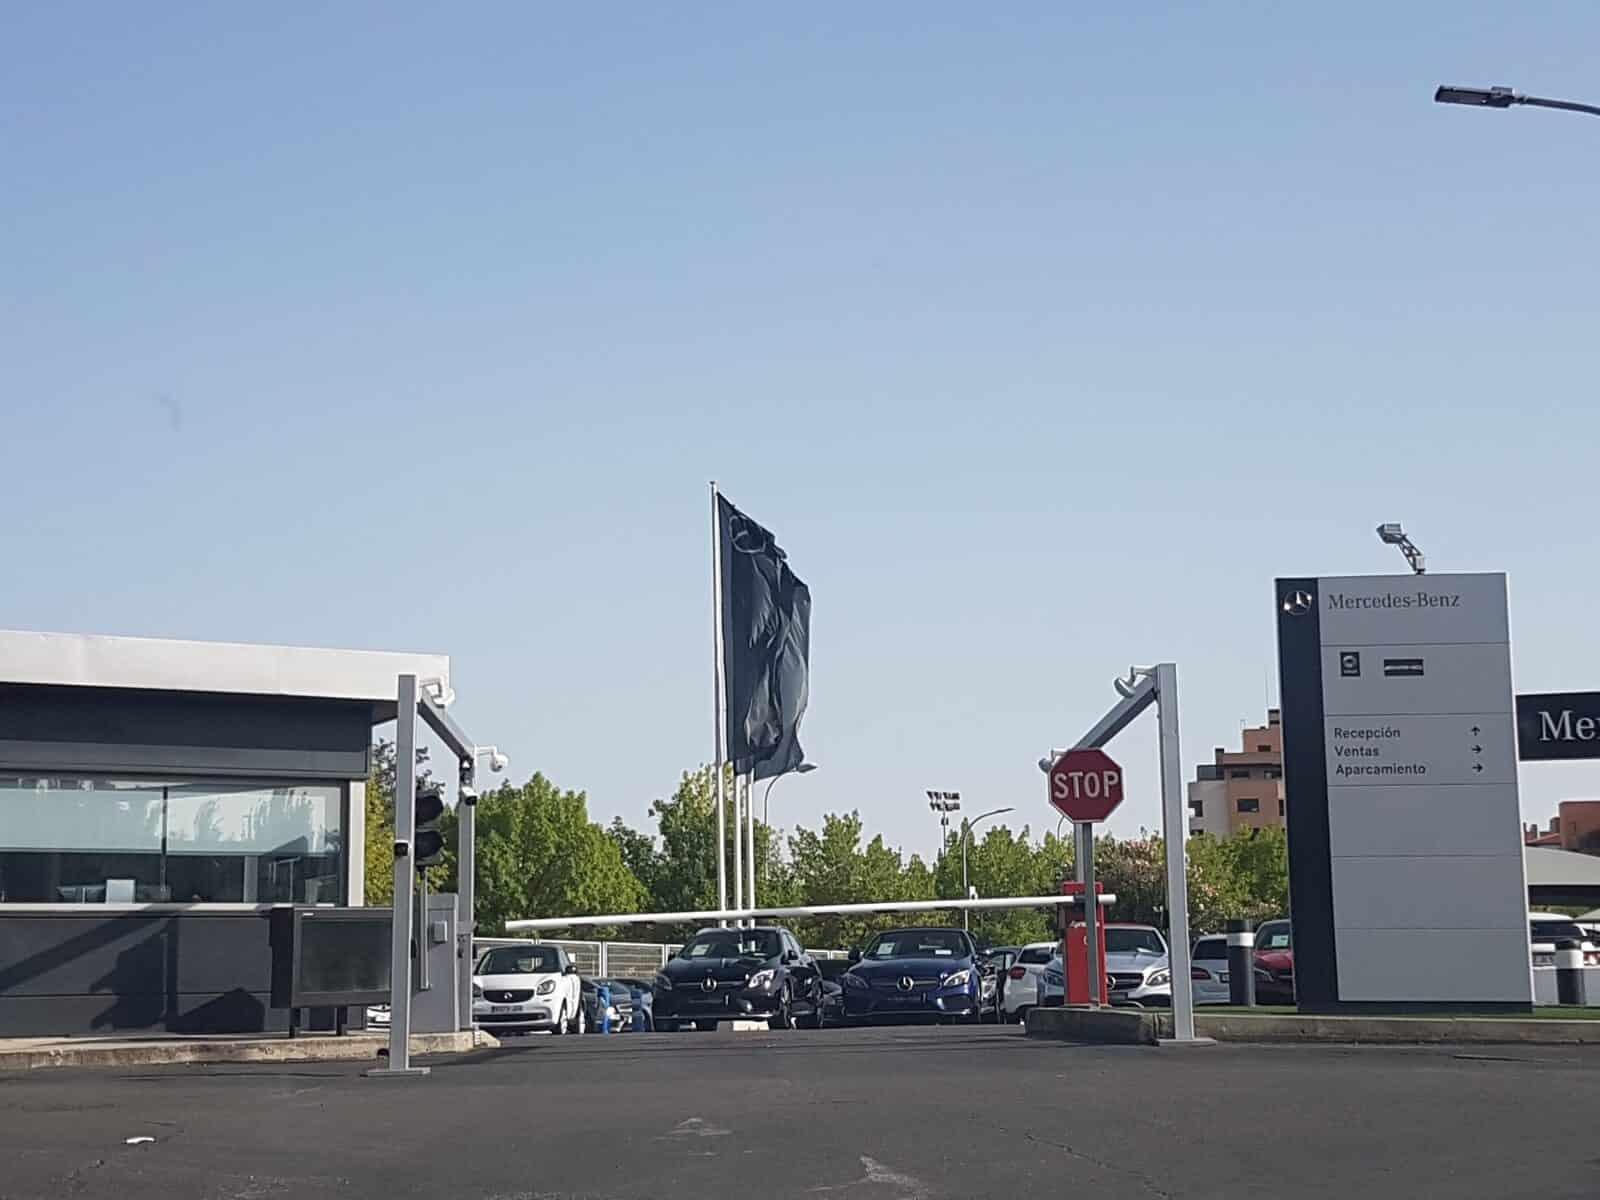 instalacion barrera automatica parking madrid mercedes alcala